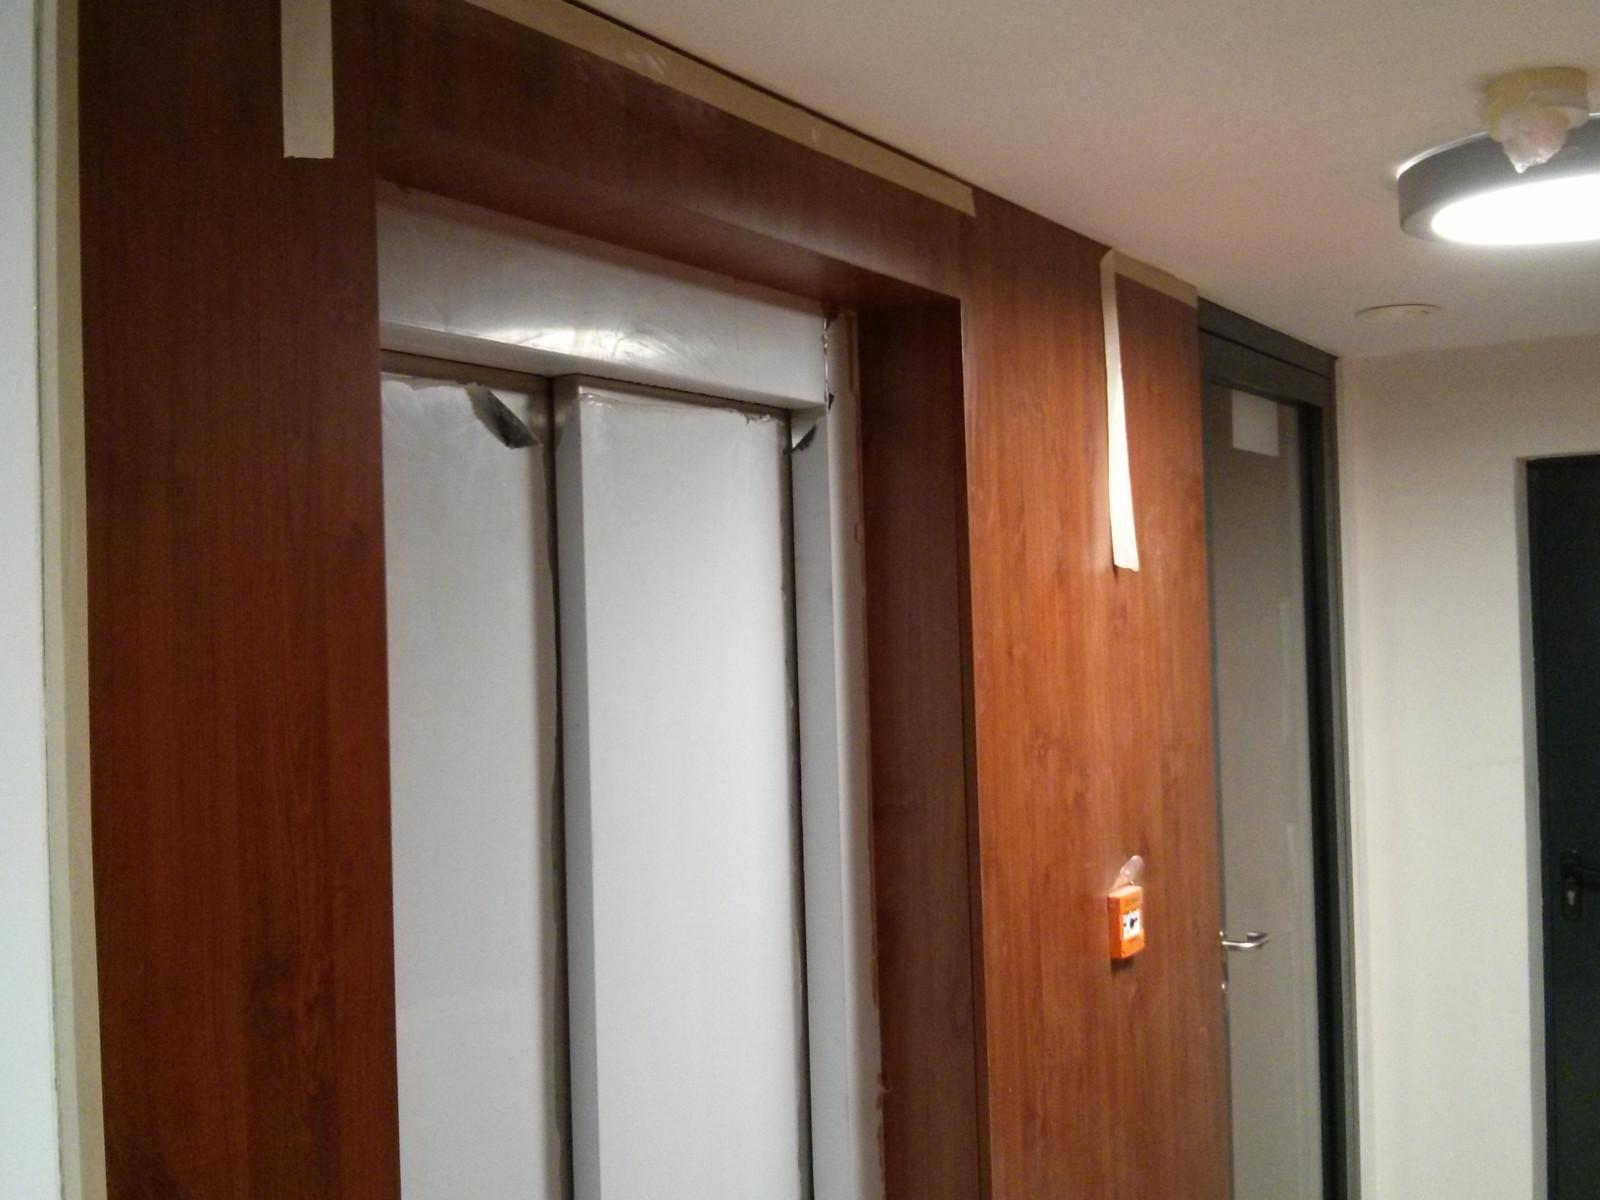 Drzwi rozsuwane do windy zamontowane przez Budimex na osiedlu Avia 4